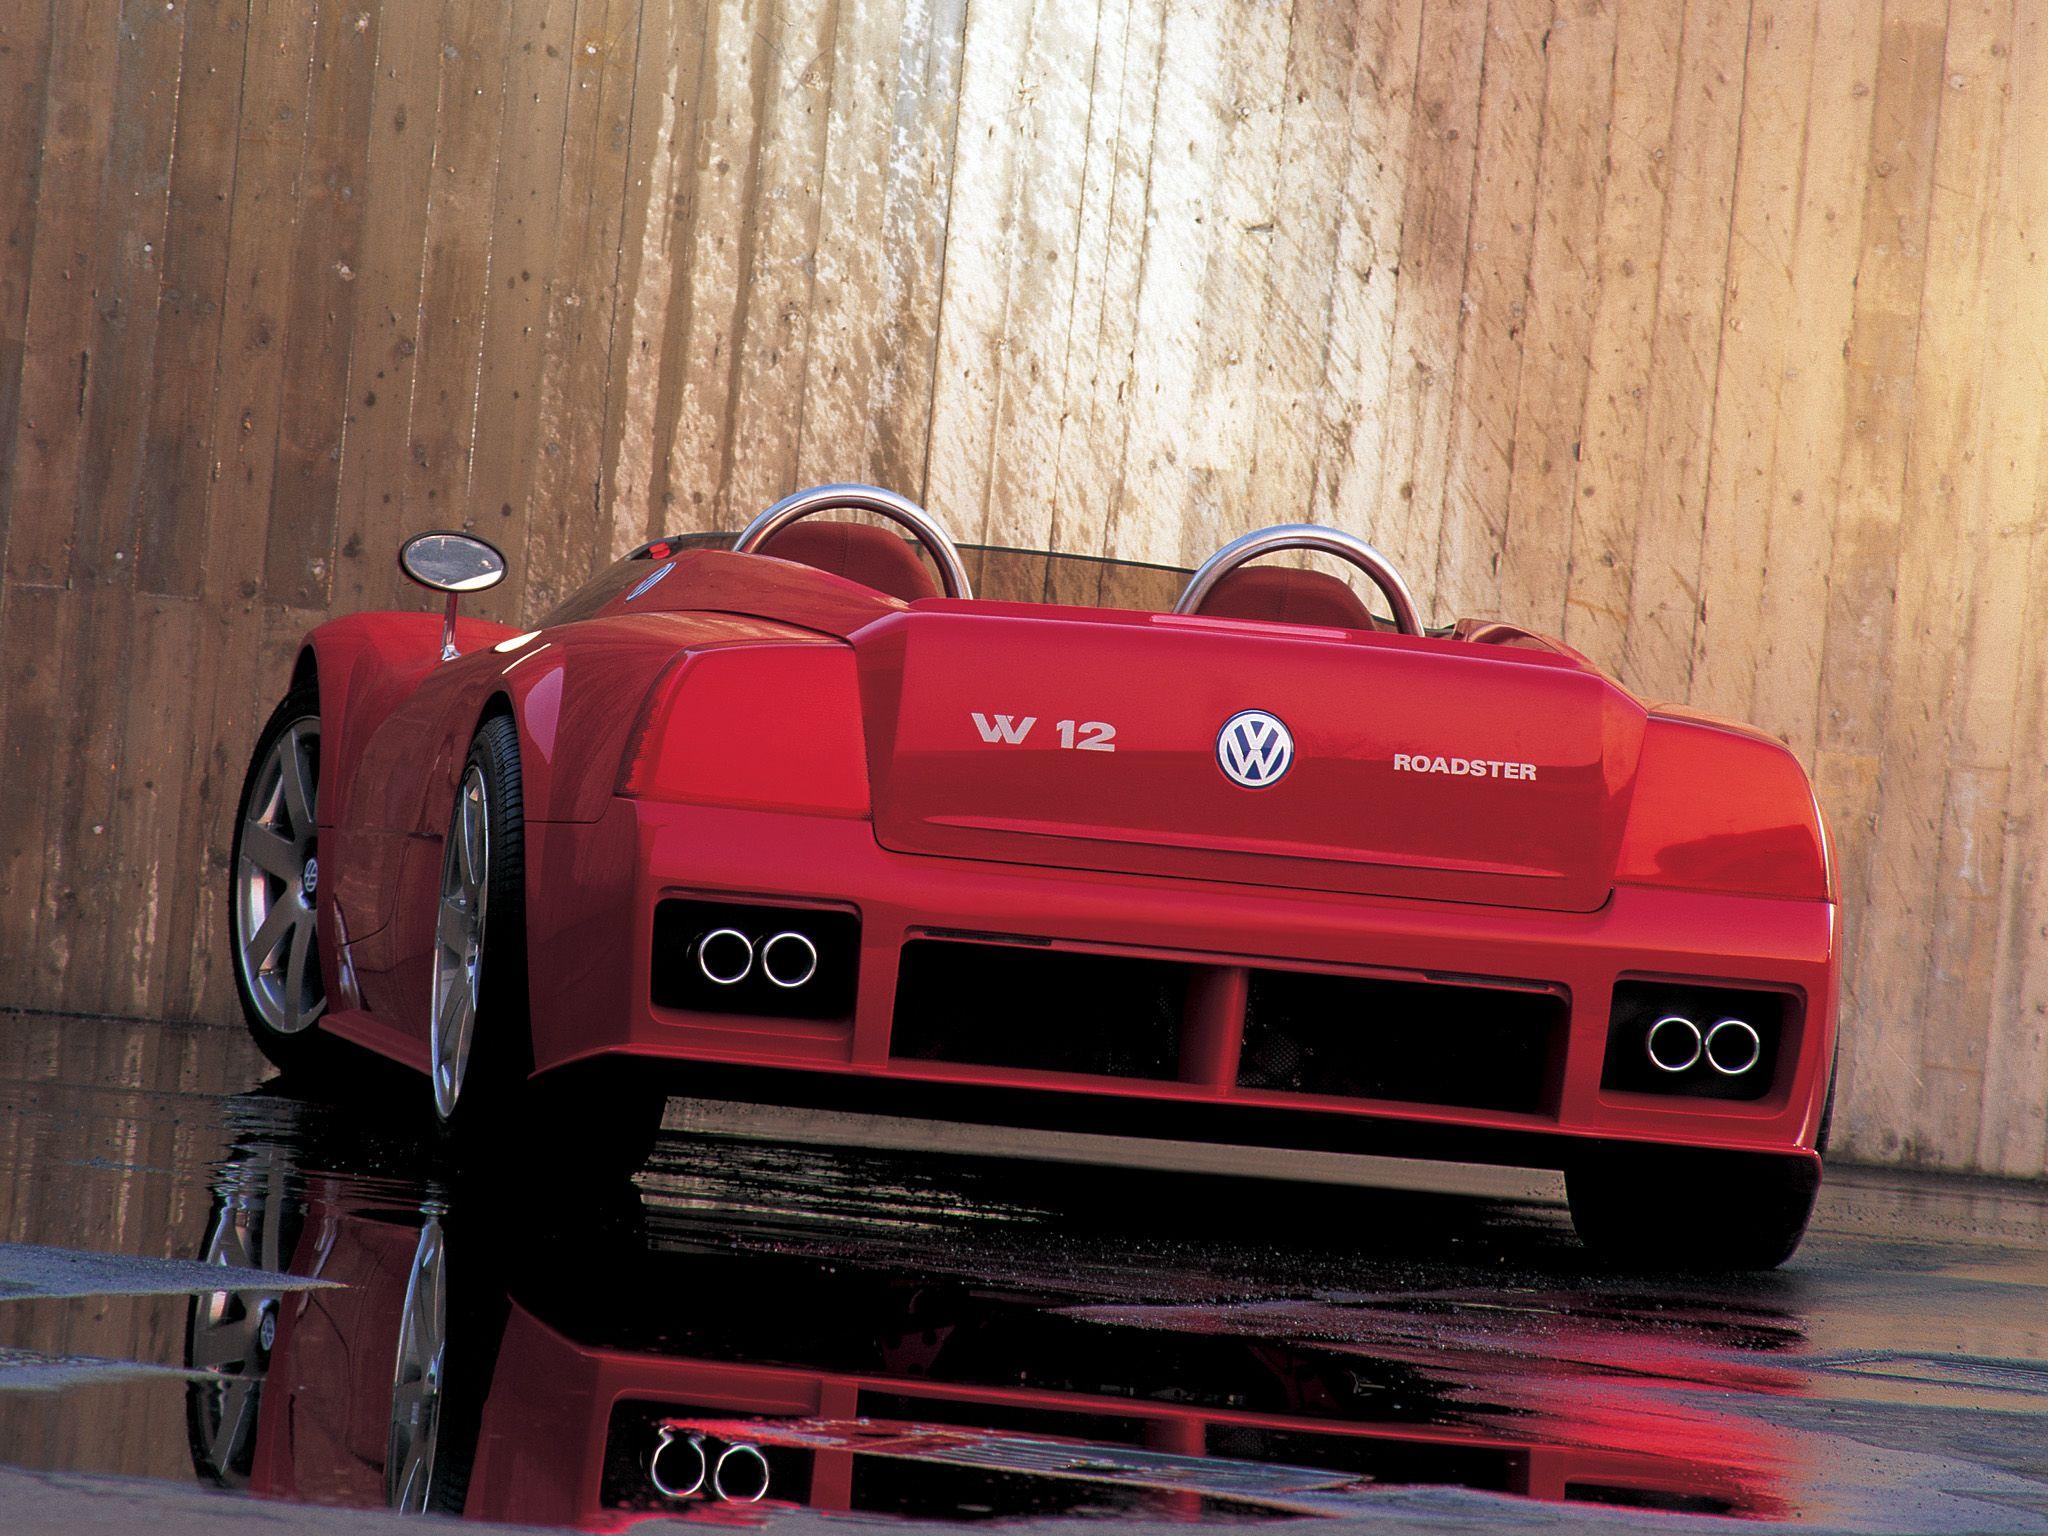 Volkswagen W12 Roadster Concept 1998 GIUGIARO